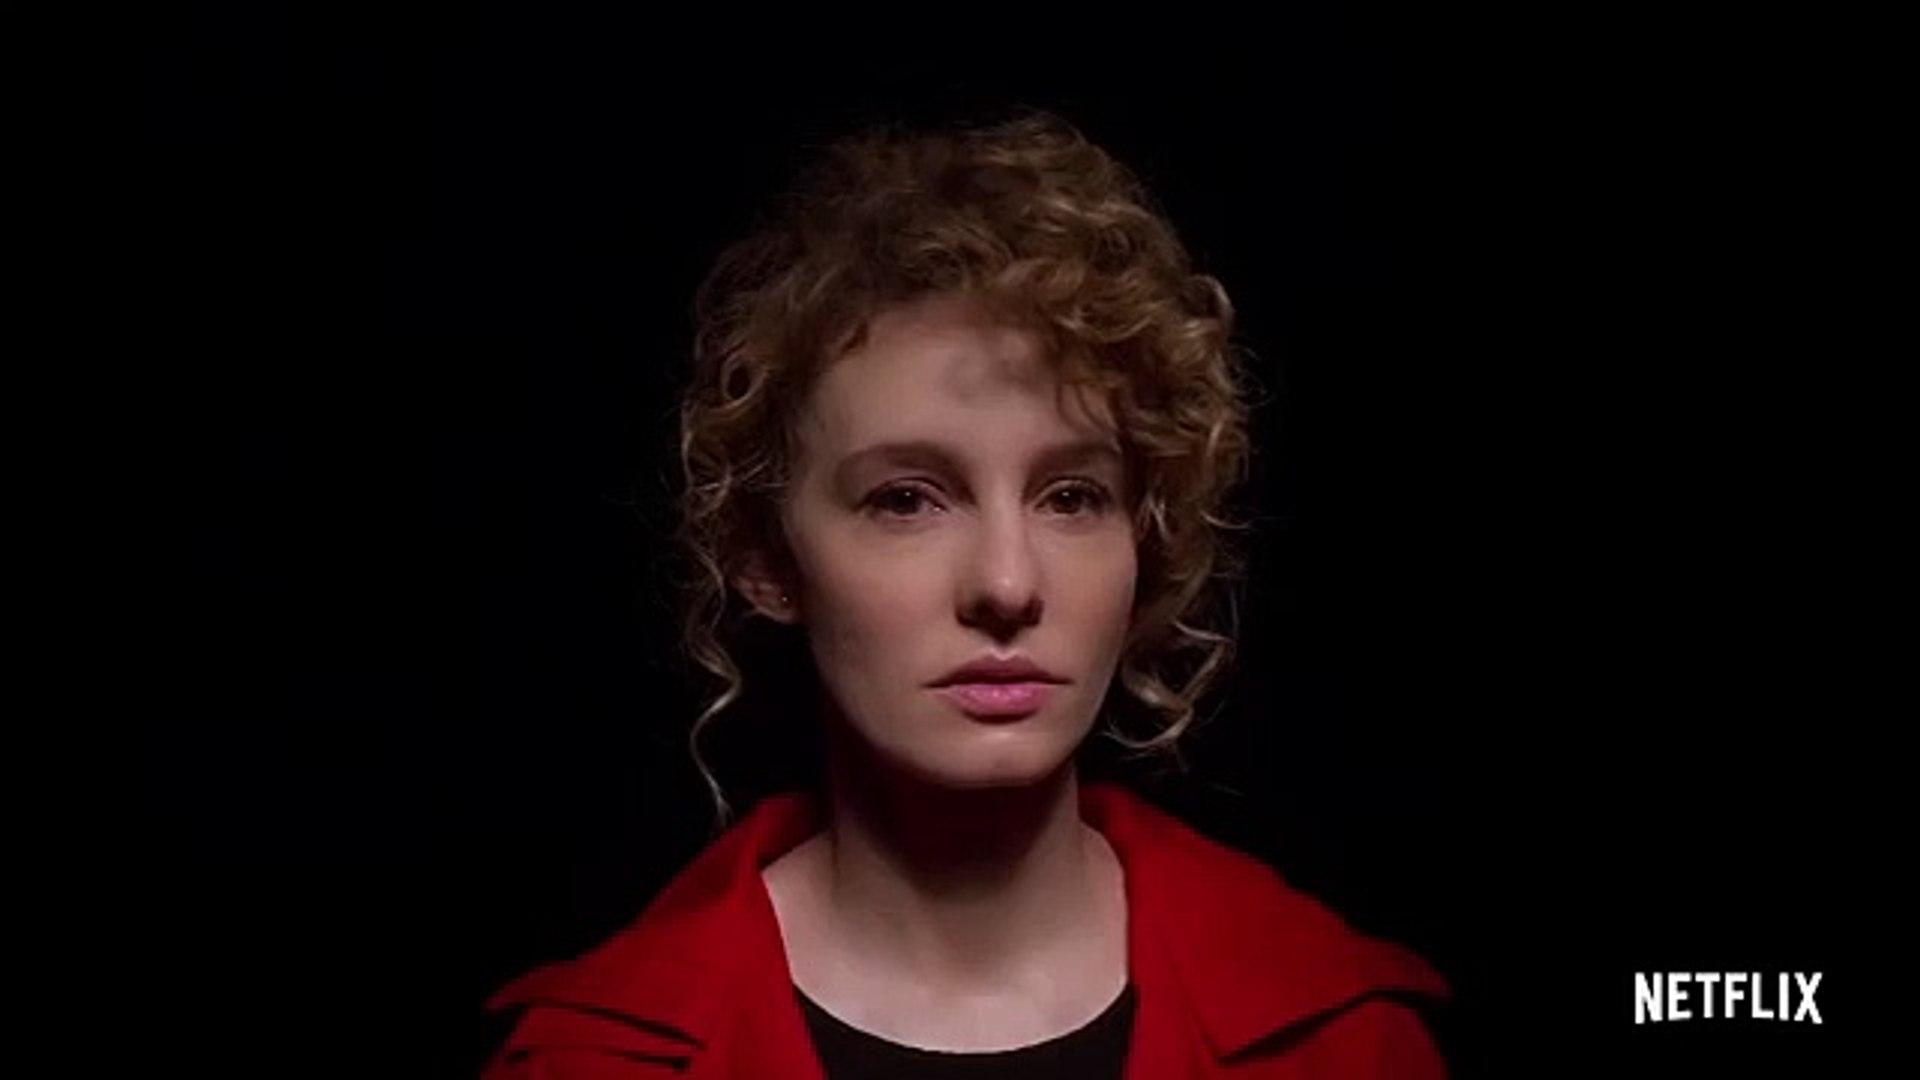 MONEY HEIST Season 4 Official Trailer TEASER (2020) Netflix Series HD